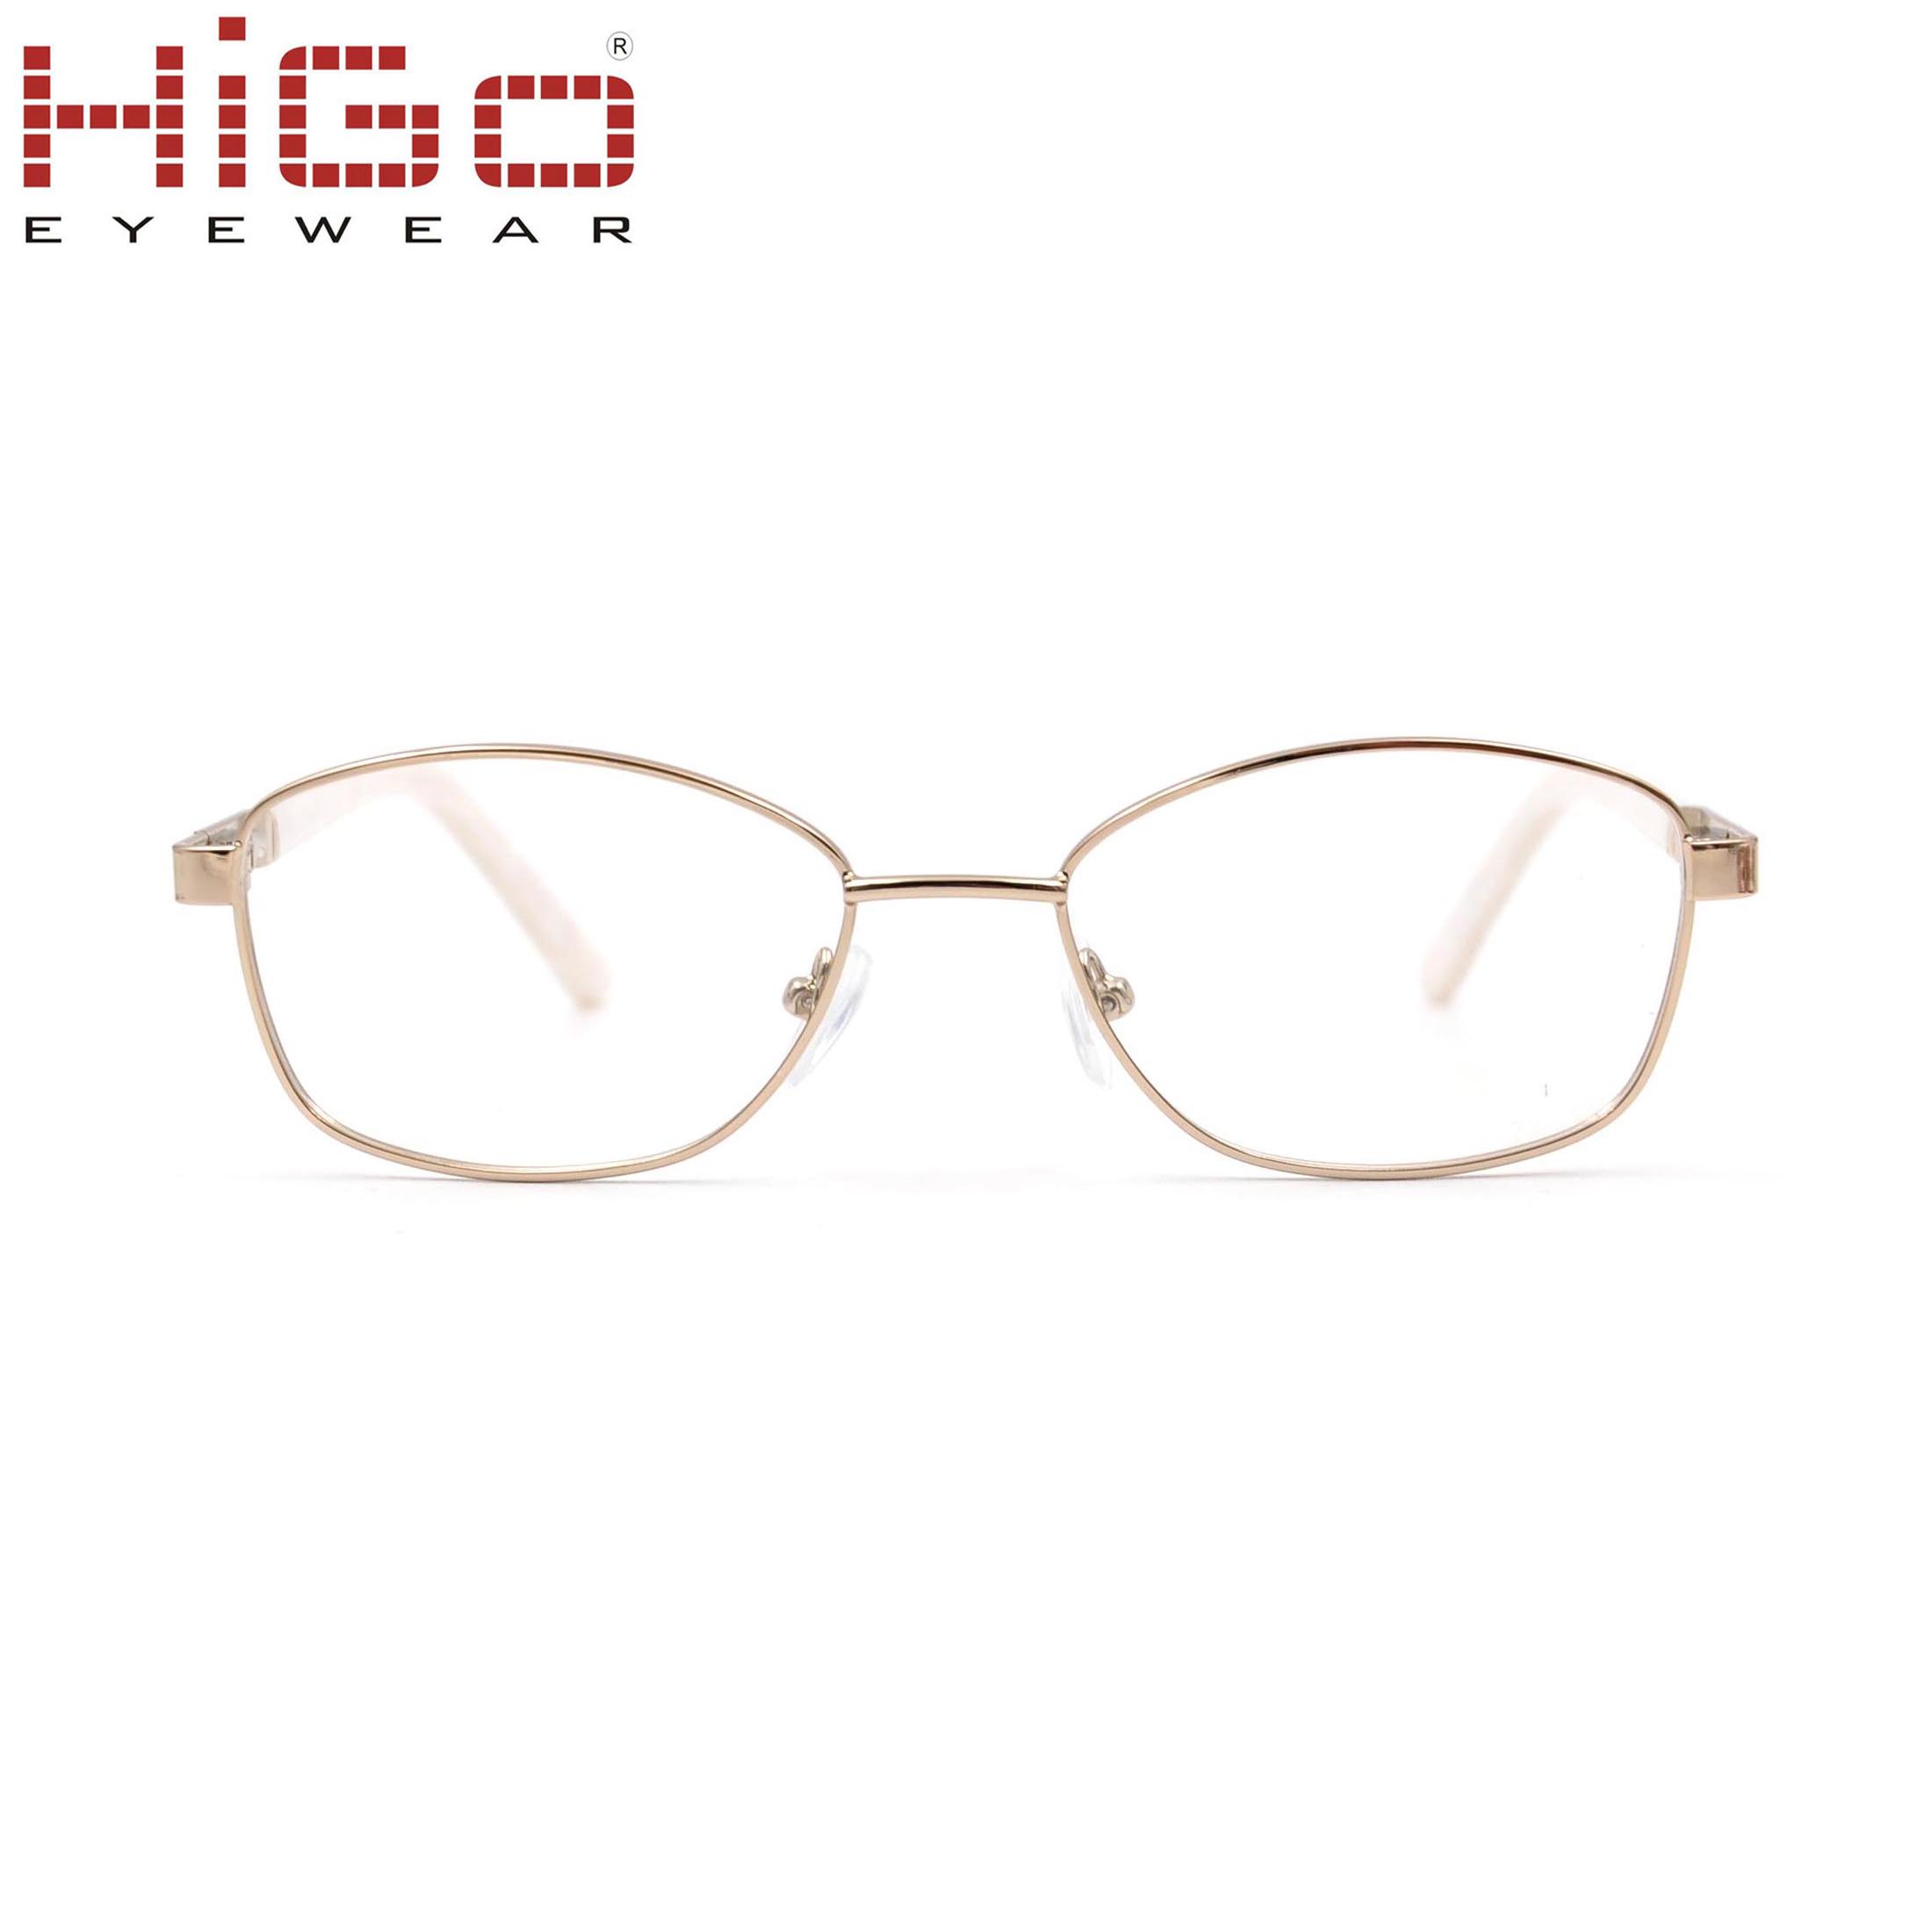 35a475738 مصادر شركات تصنيع طويل النظر نظارات القراءة وطويل النظر نظارات القراءة في  Alibaba.com